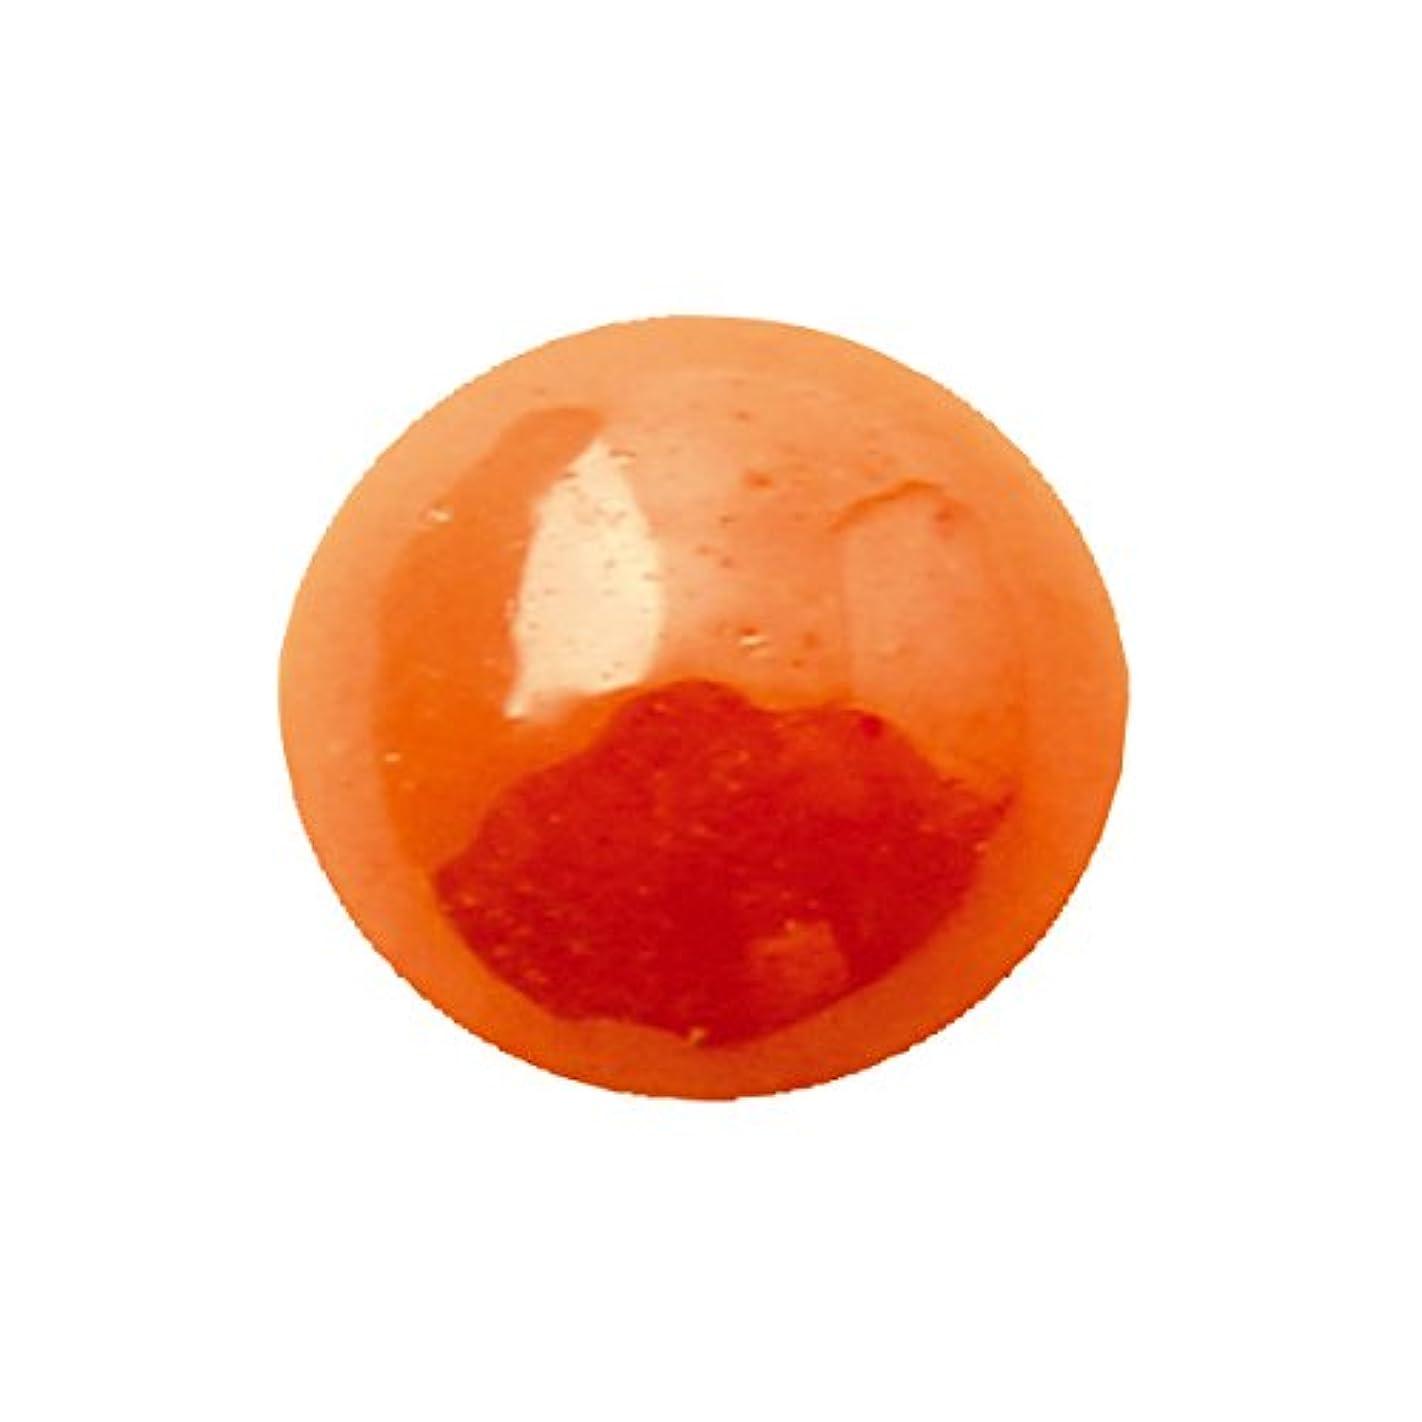 アルファベット順密度ハイブリッドグラスパールラウンド 4mm(各30個) オレンジ